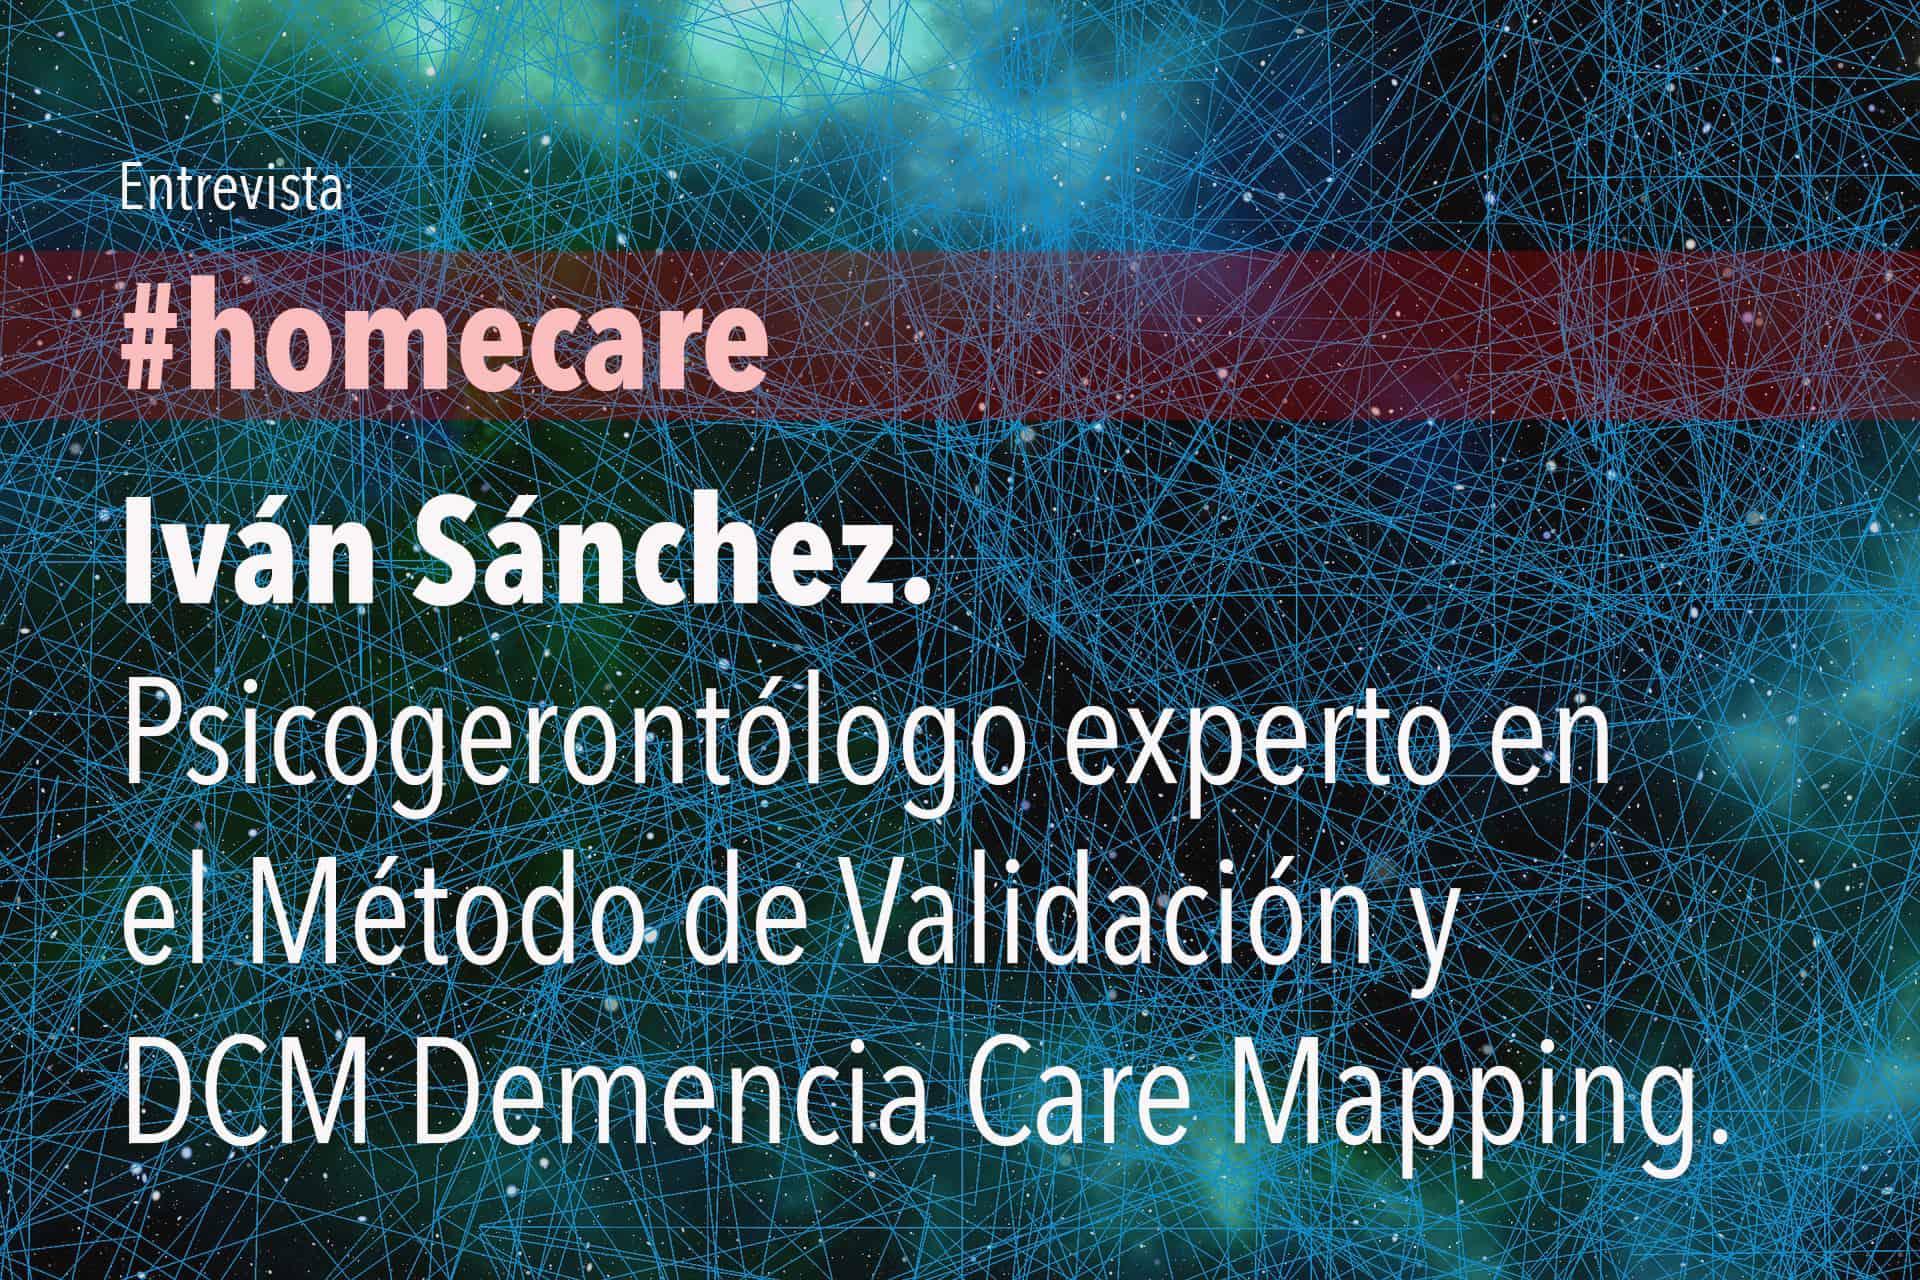 Iván Sánchez, Psicogerontólogo experto en el Método de Validación